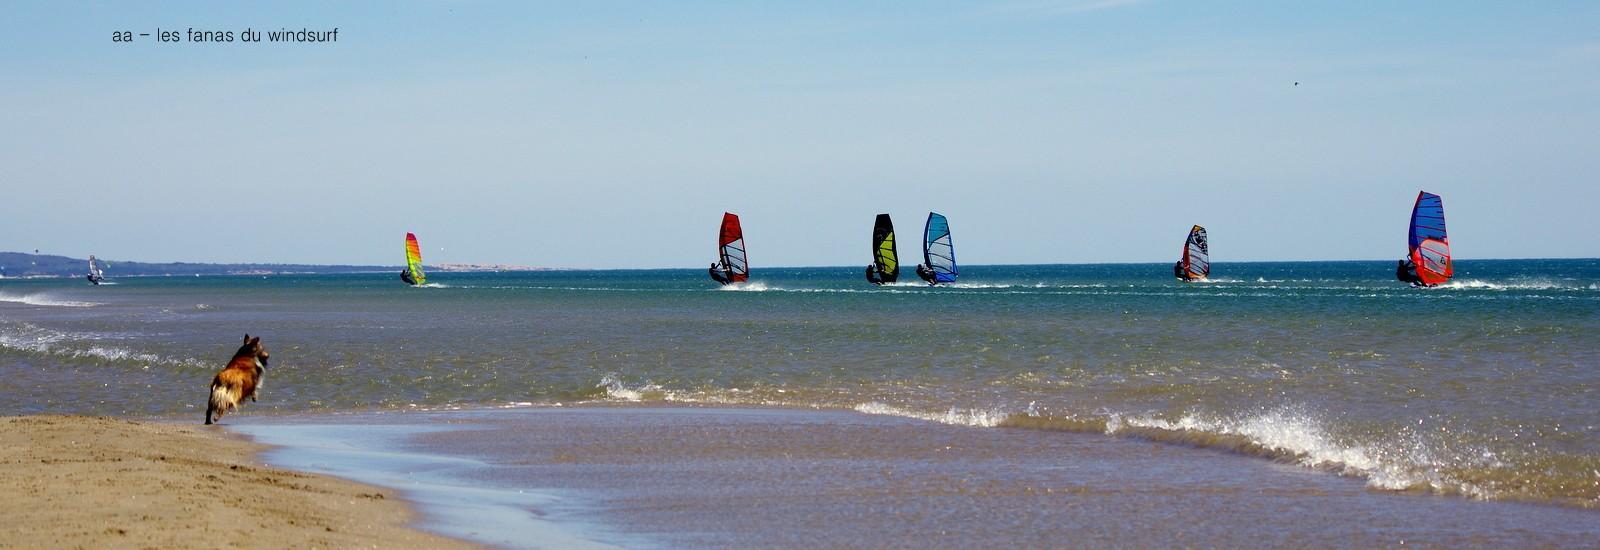 Surf report port la nouvelle plage nord 11 du 2016 05 - Meteo port la nouvelle ...